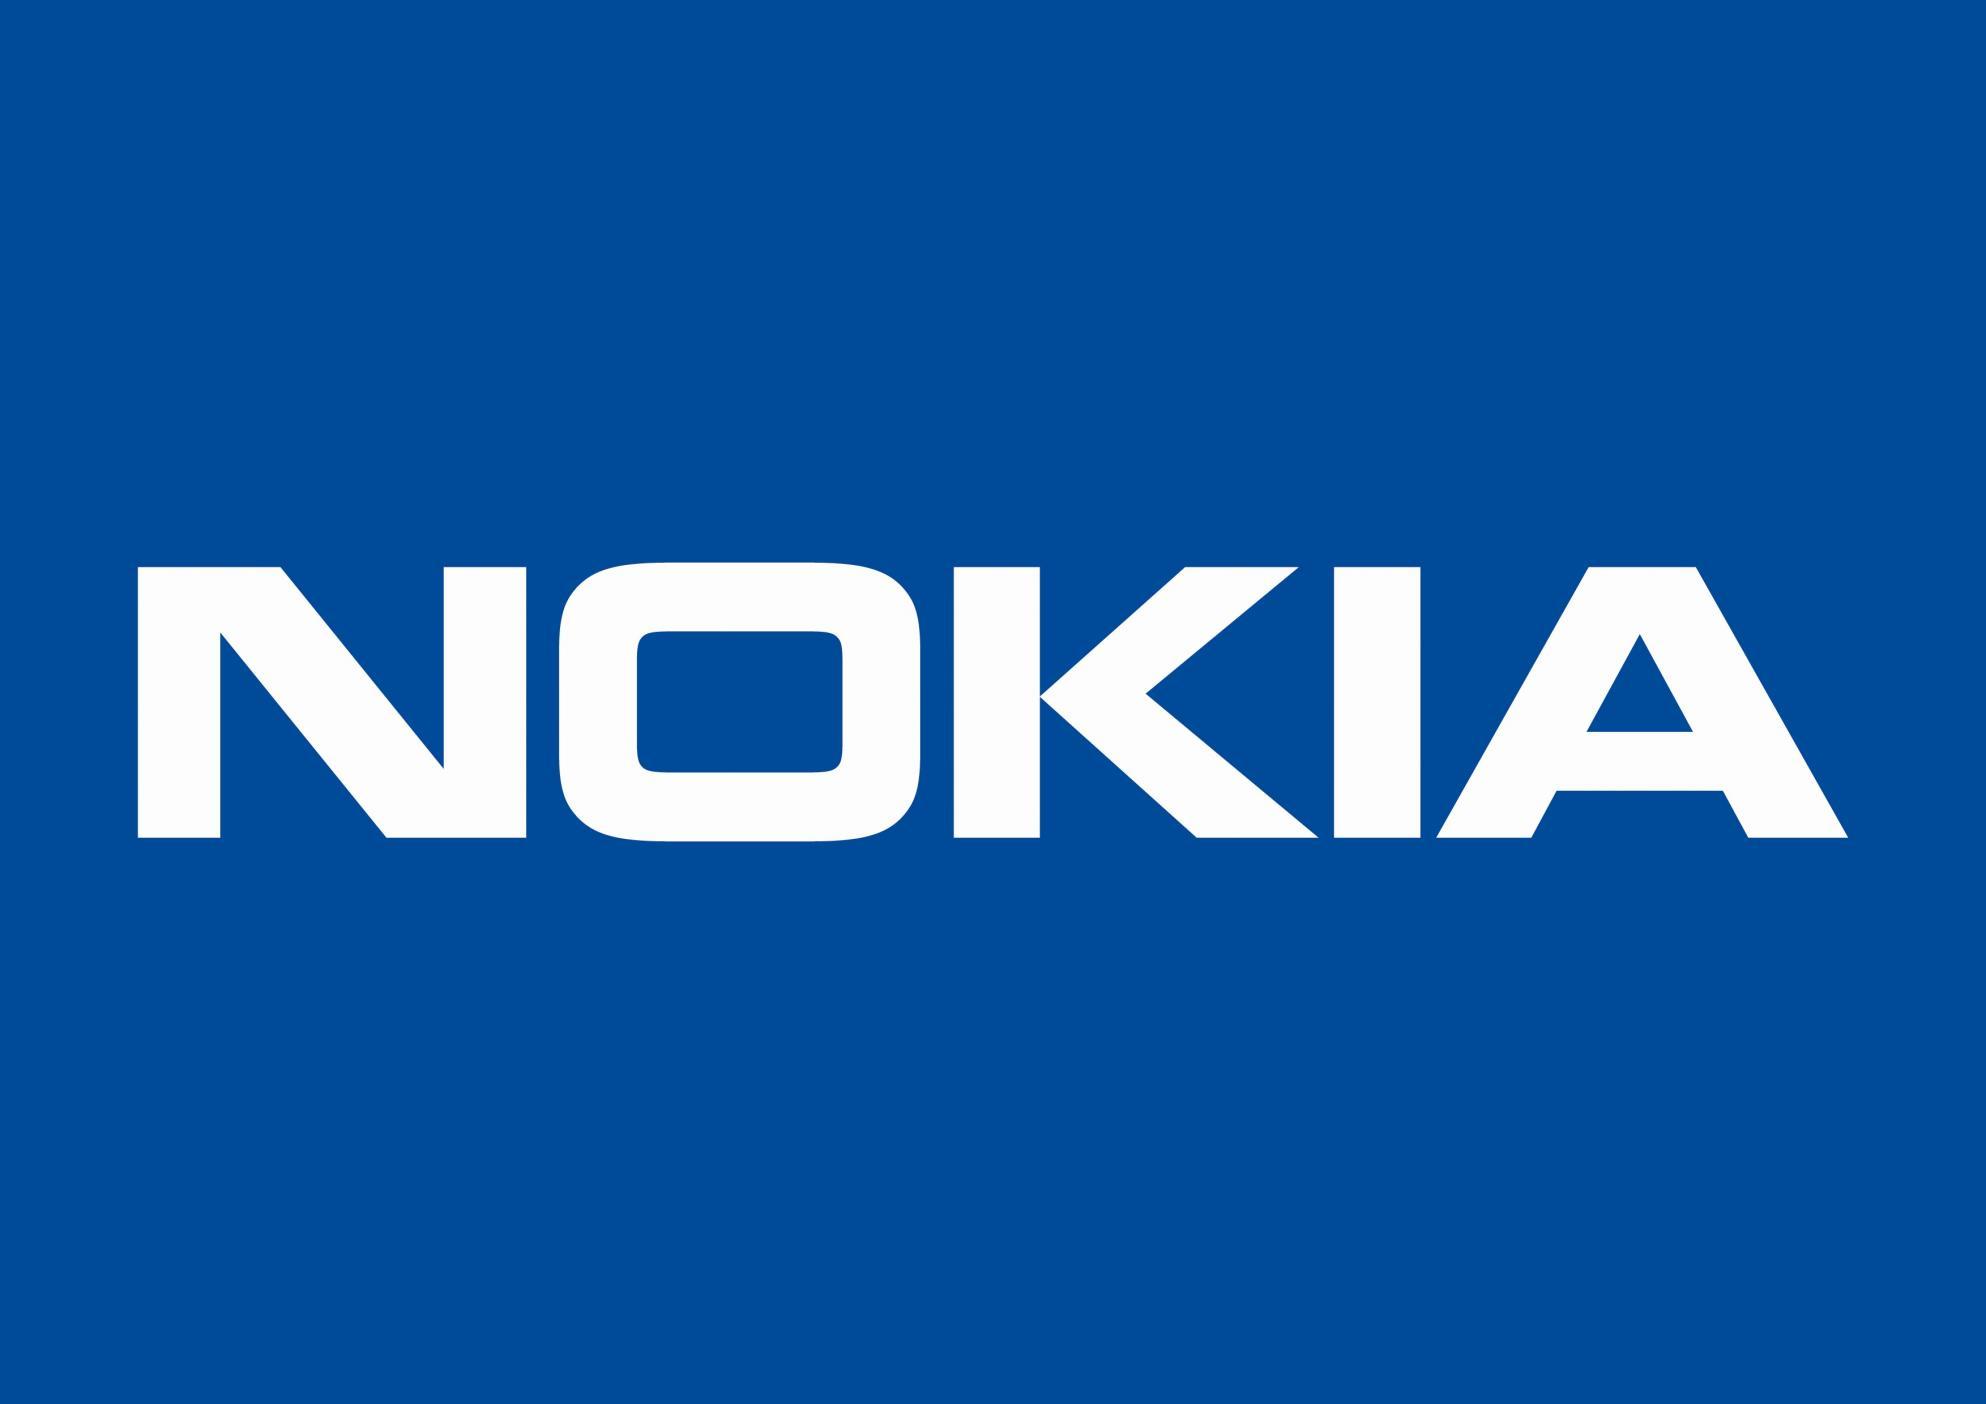 Nokia condenada por el Supremo al pago de 550.000 euros